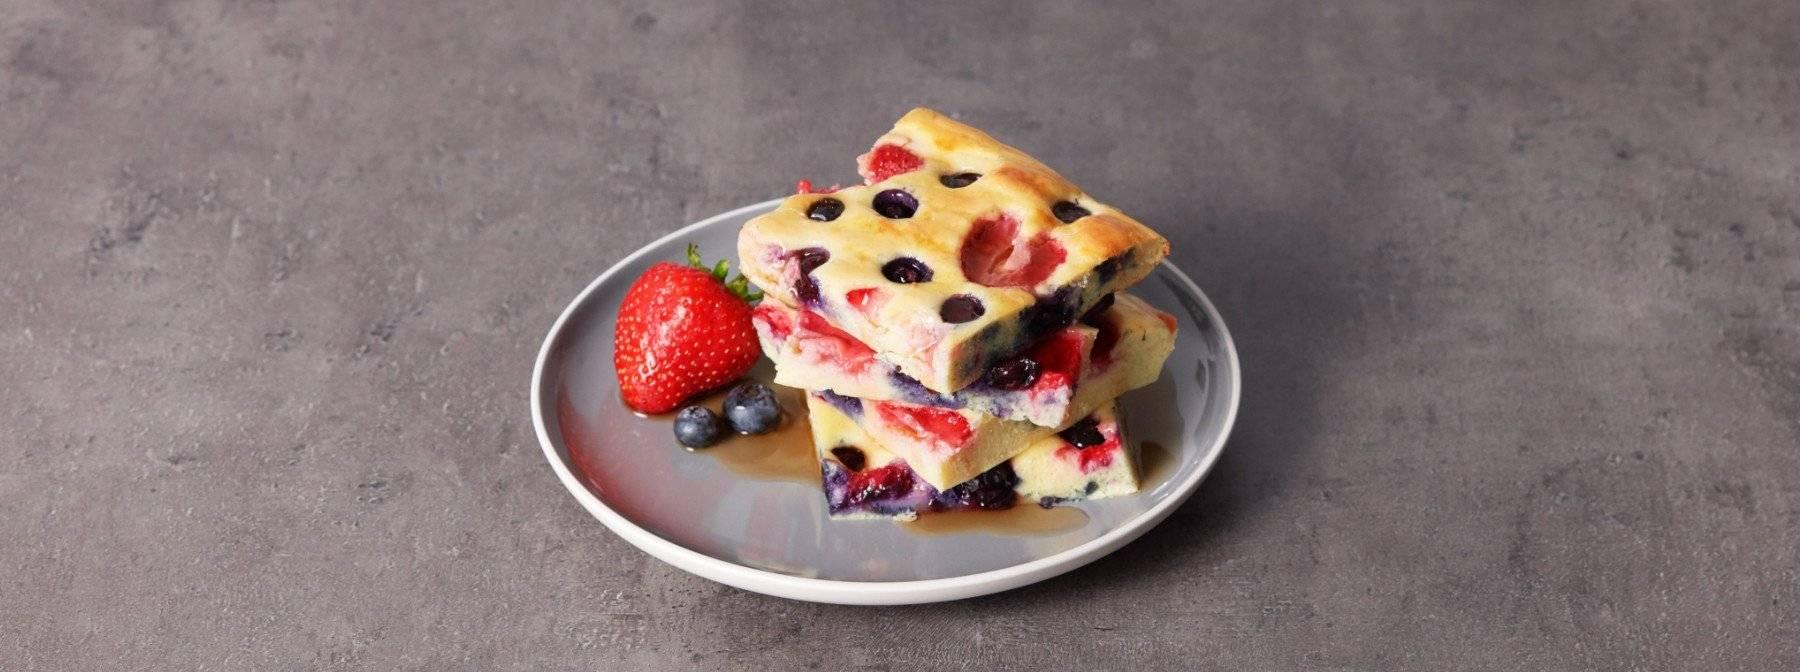 Protein Pancakes vom Backblech | Leicht vorbereitetes Frühstück